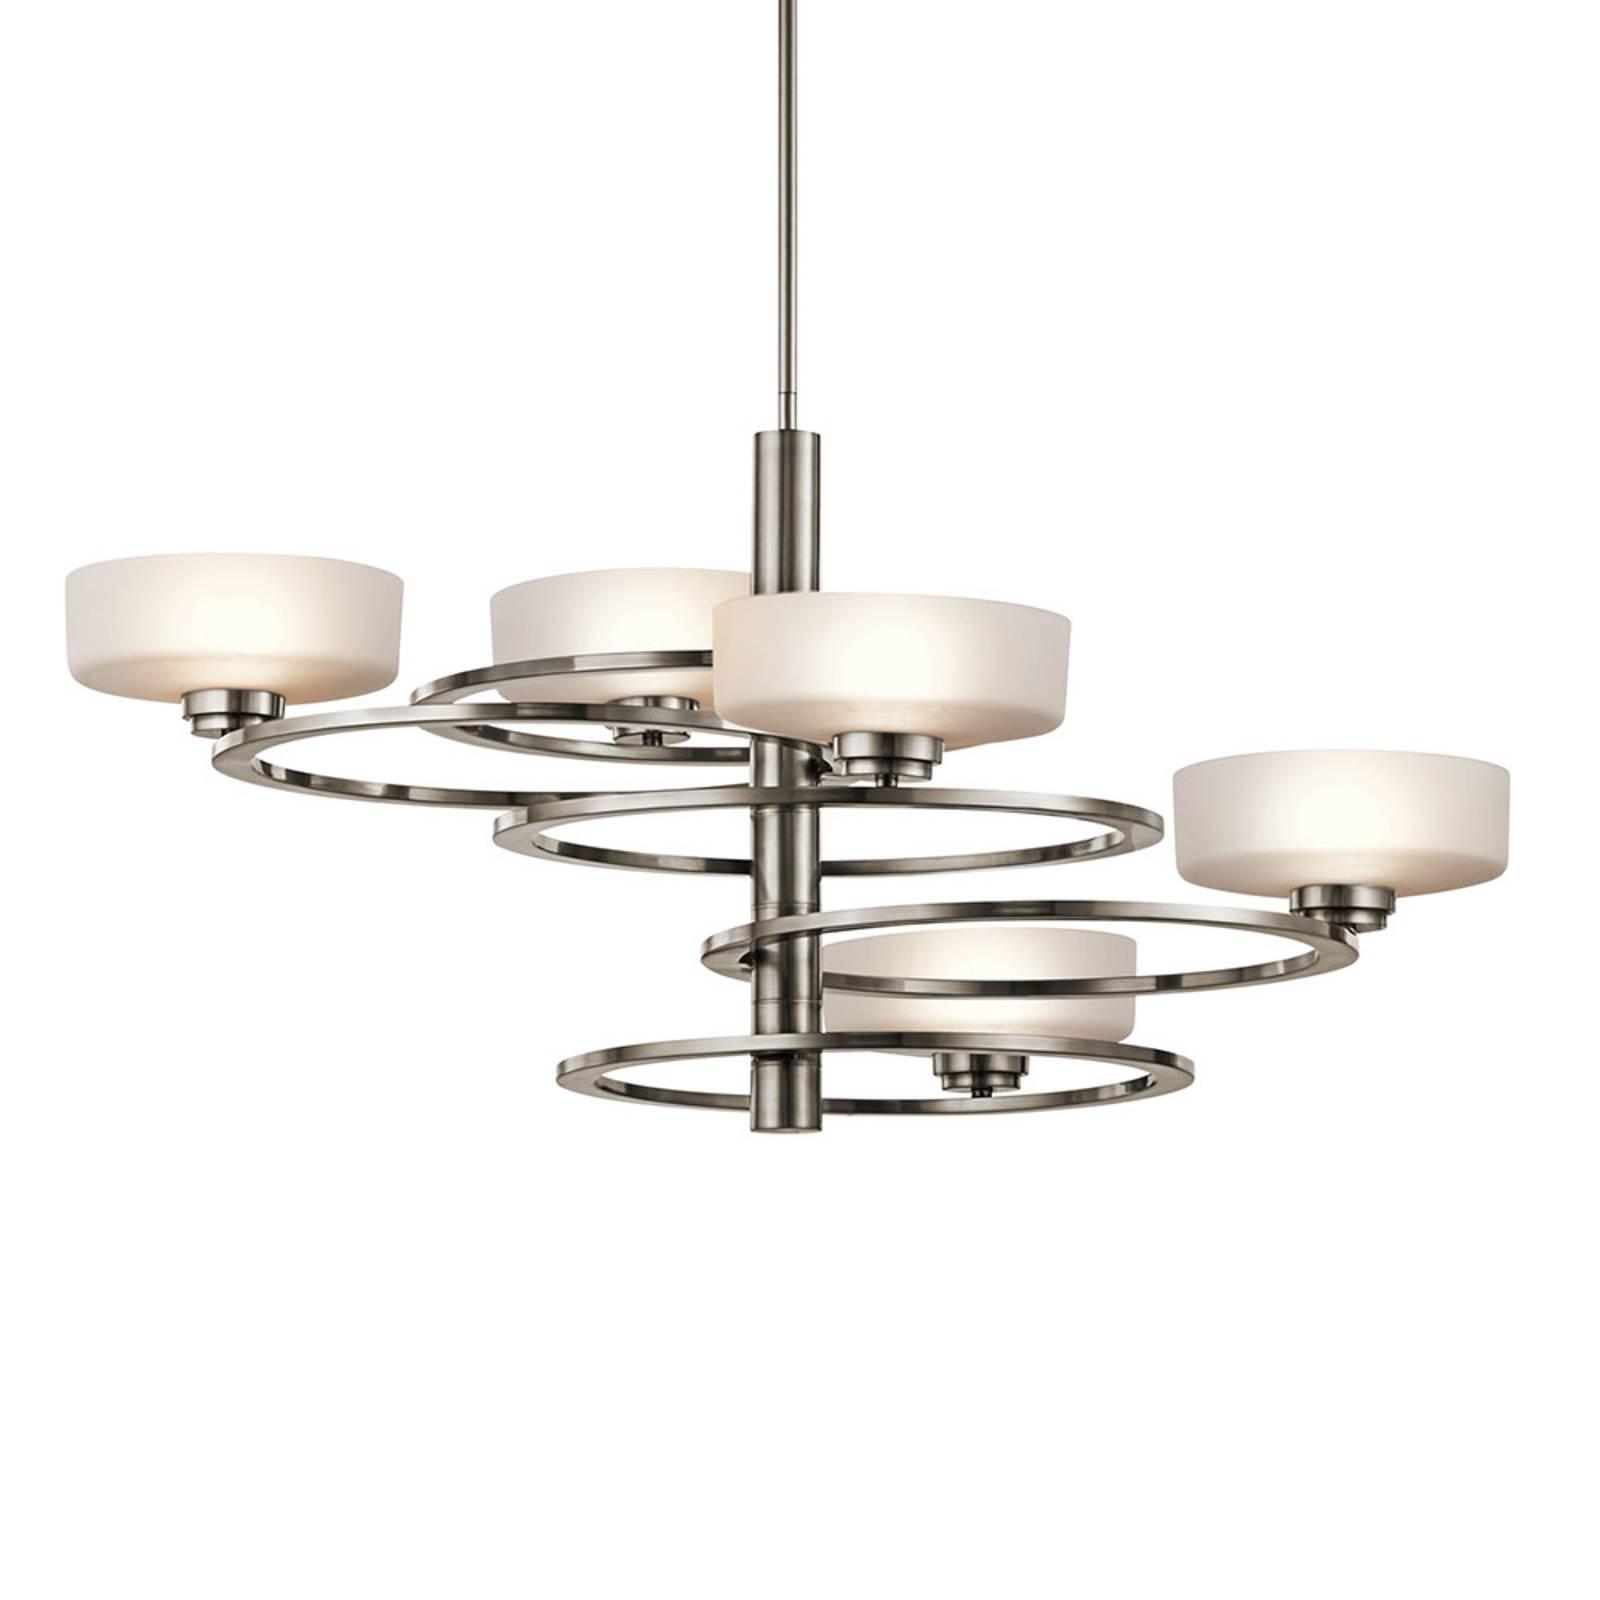 LED hanglamp Aleeka 5-lamps, hoogte 43,8 cm